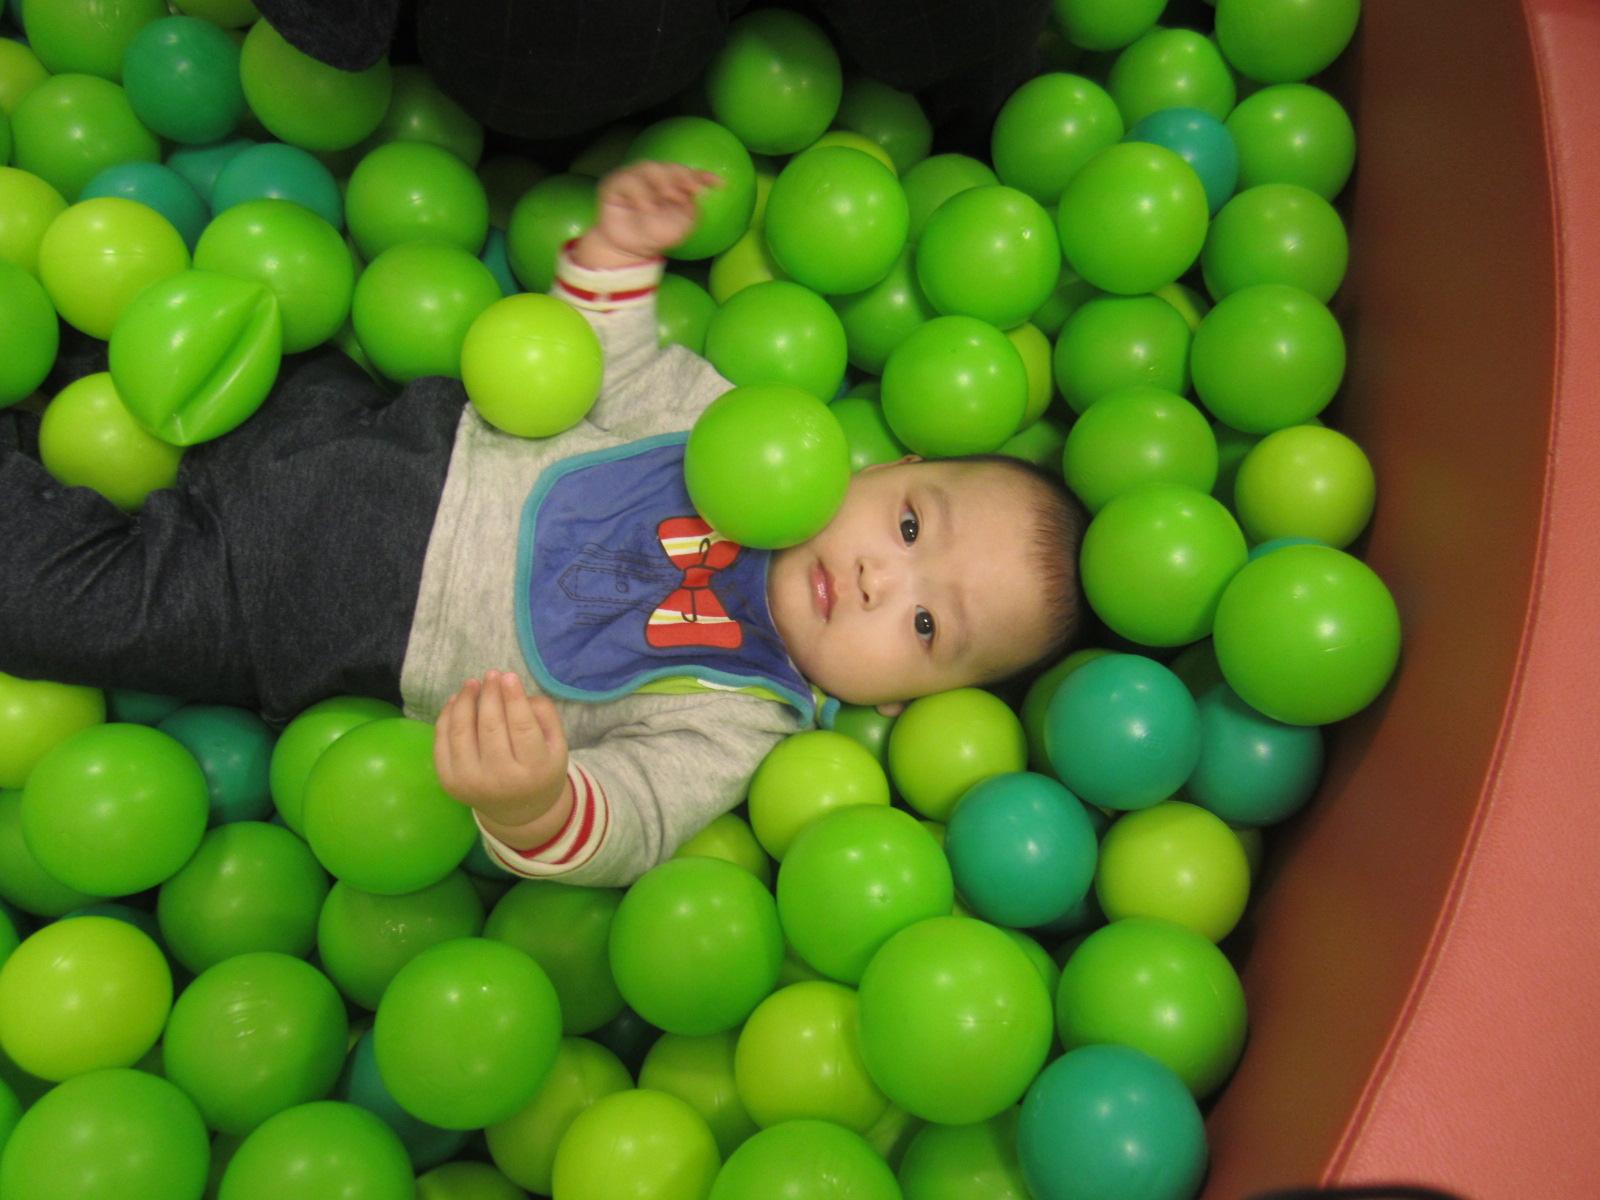 2月 赤ちゃんの日のイベントの様子 Part1